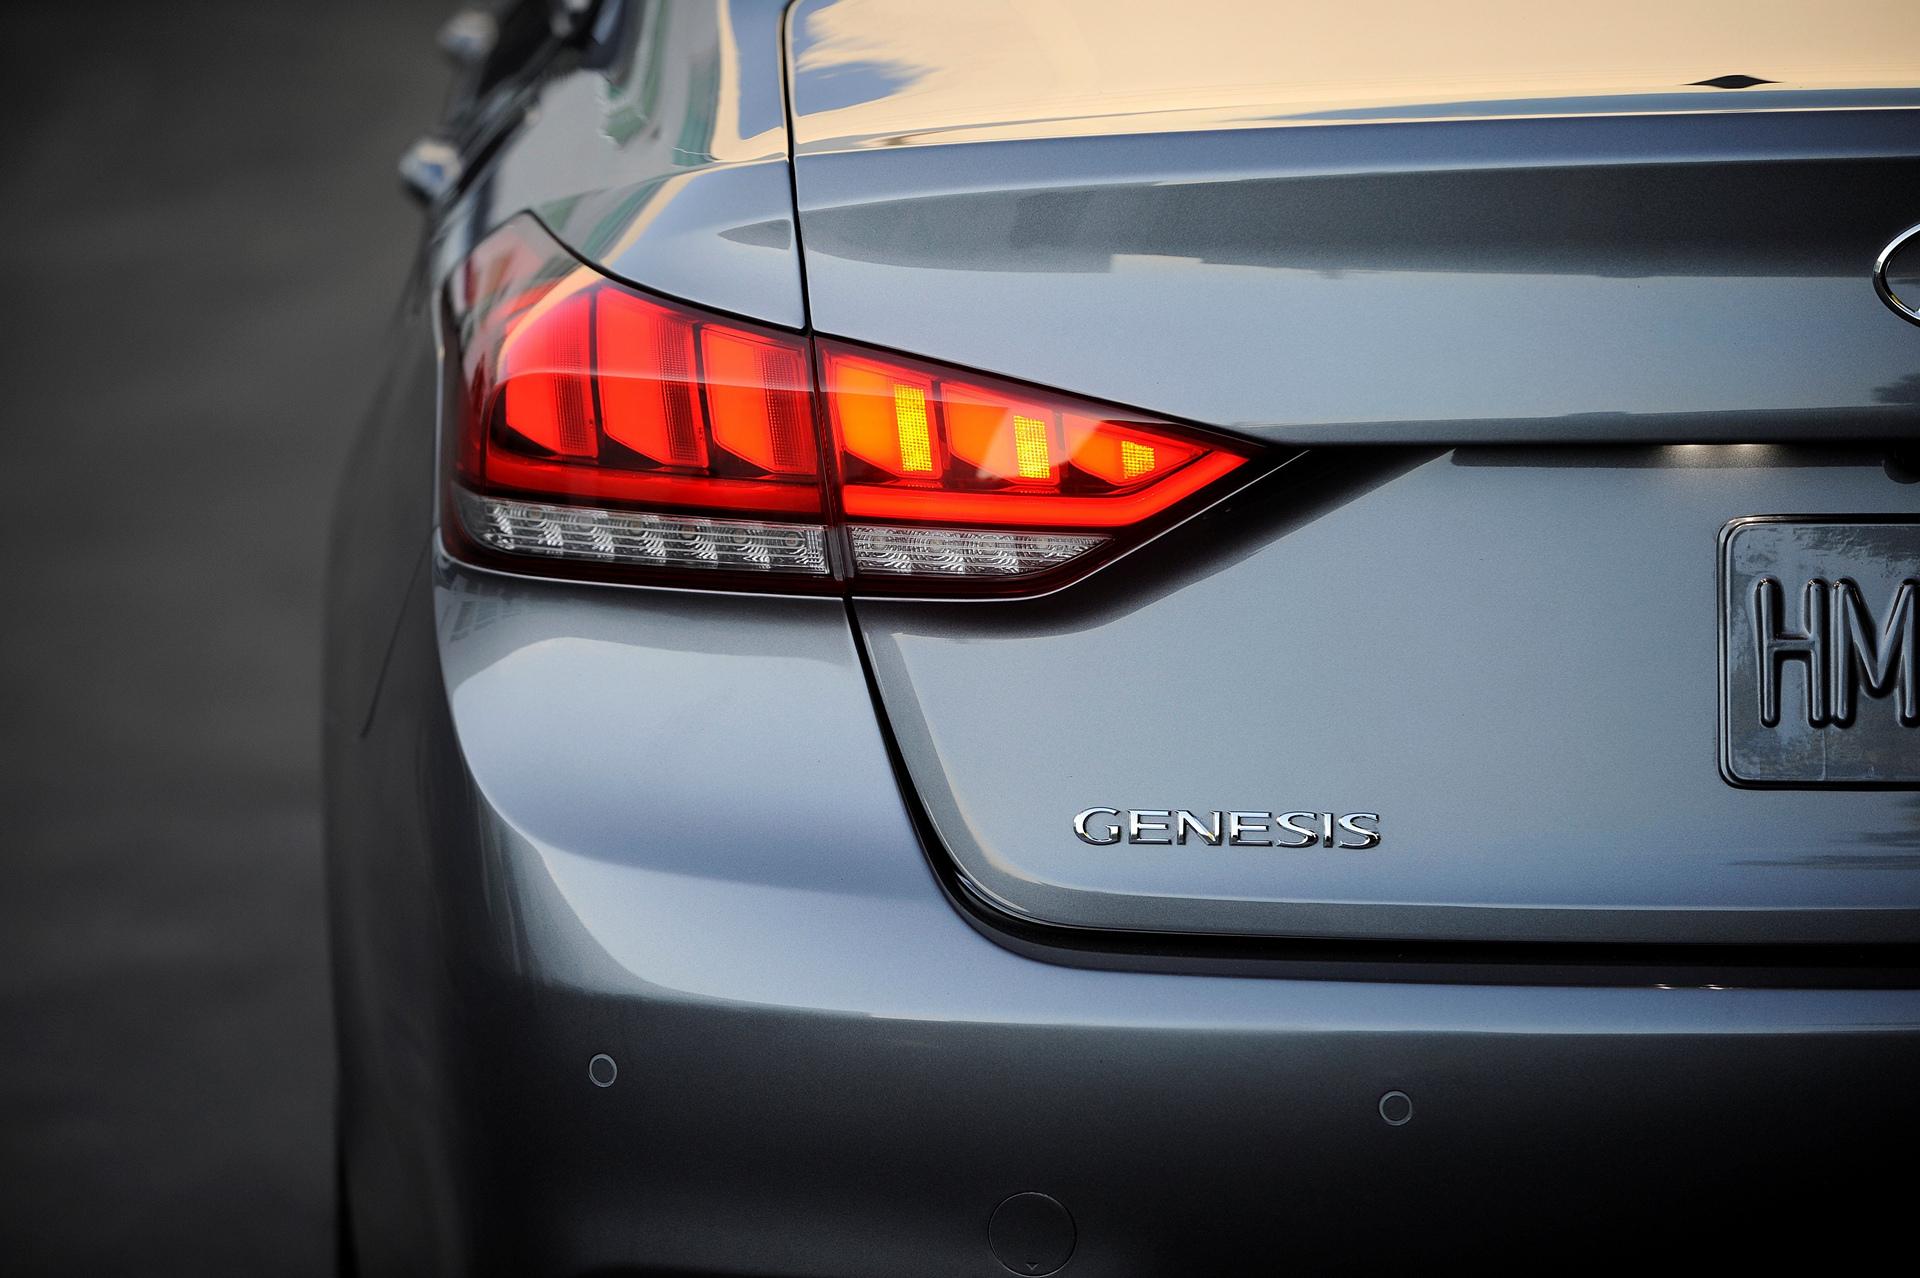 2016 Hyundai Genesis © Hyundai Motor Company